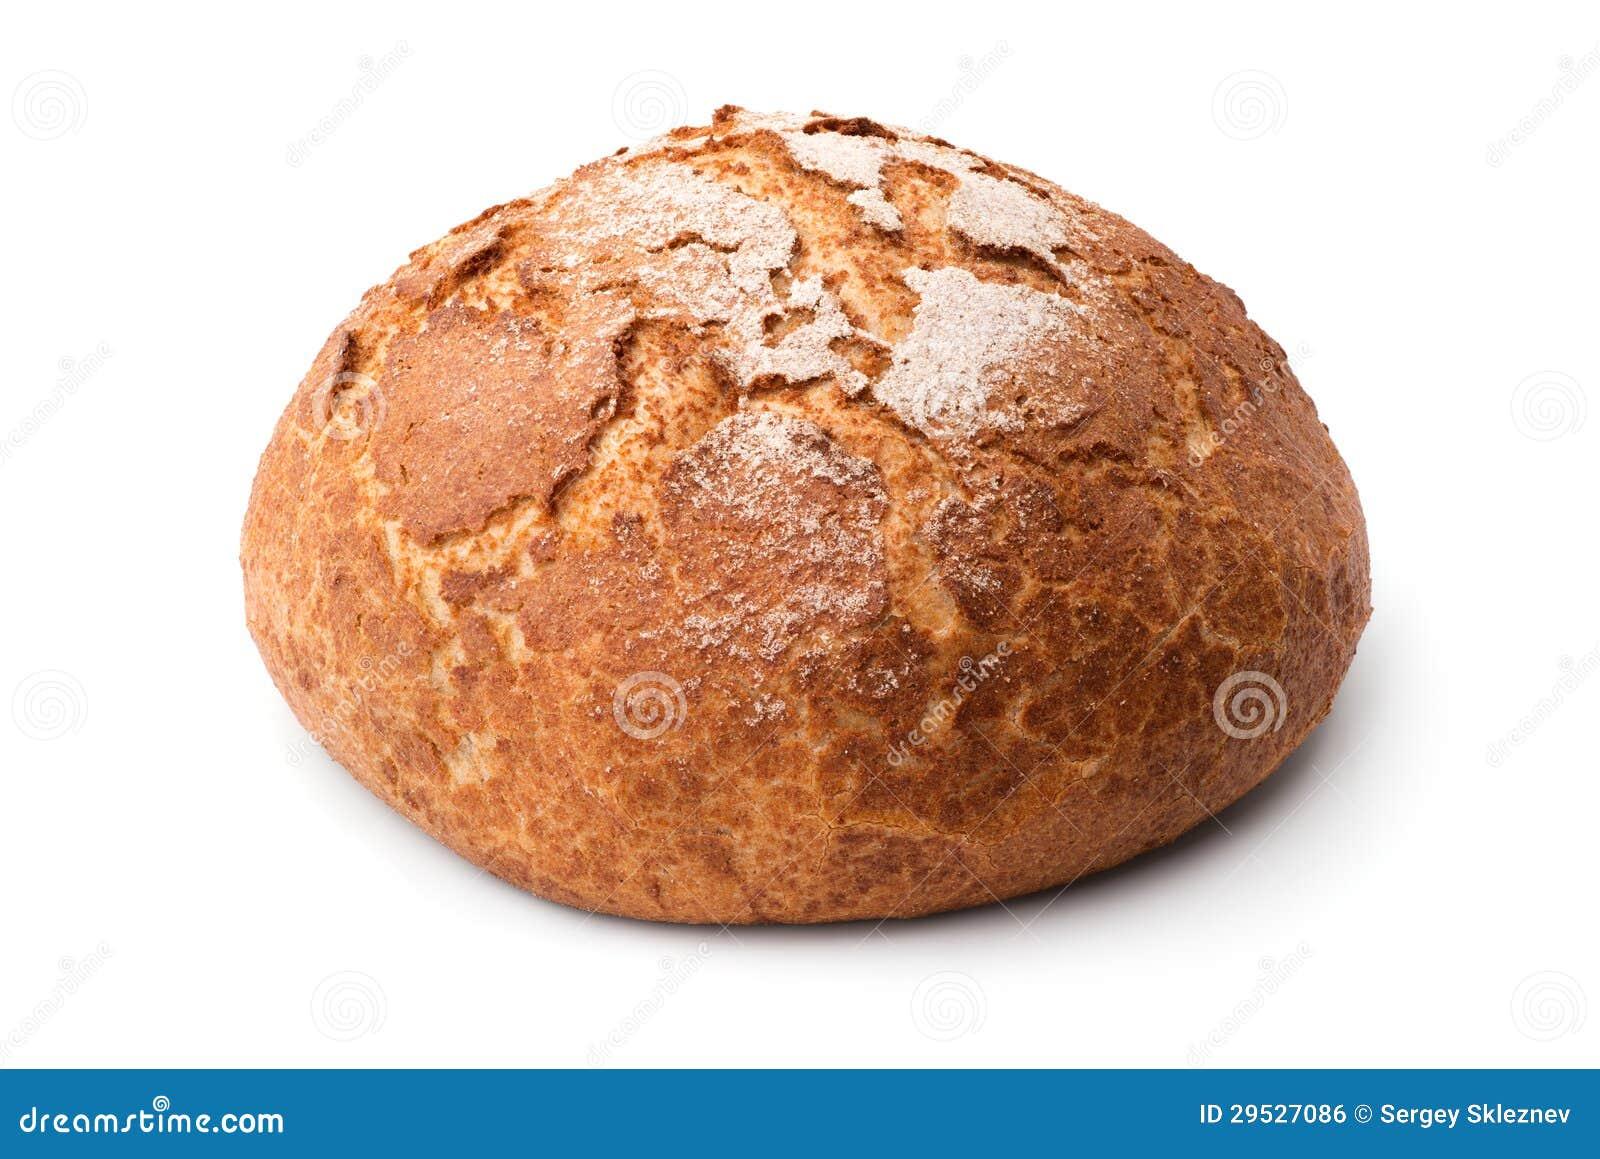 Pão redondo caseiro tradicional